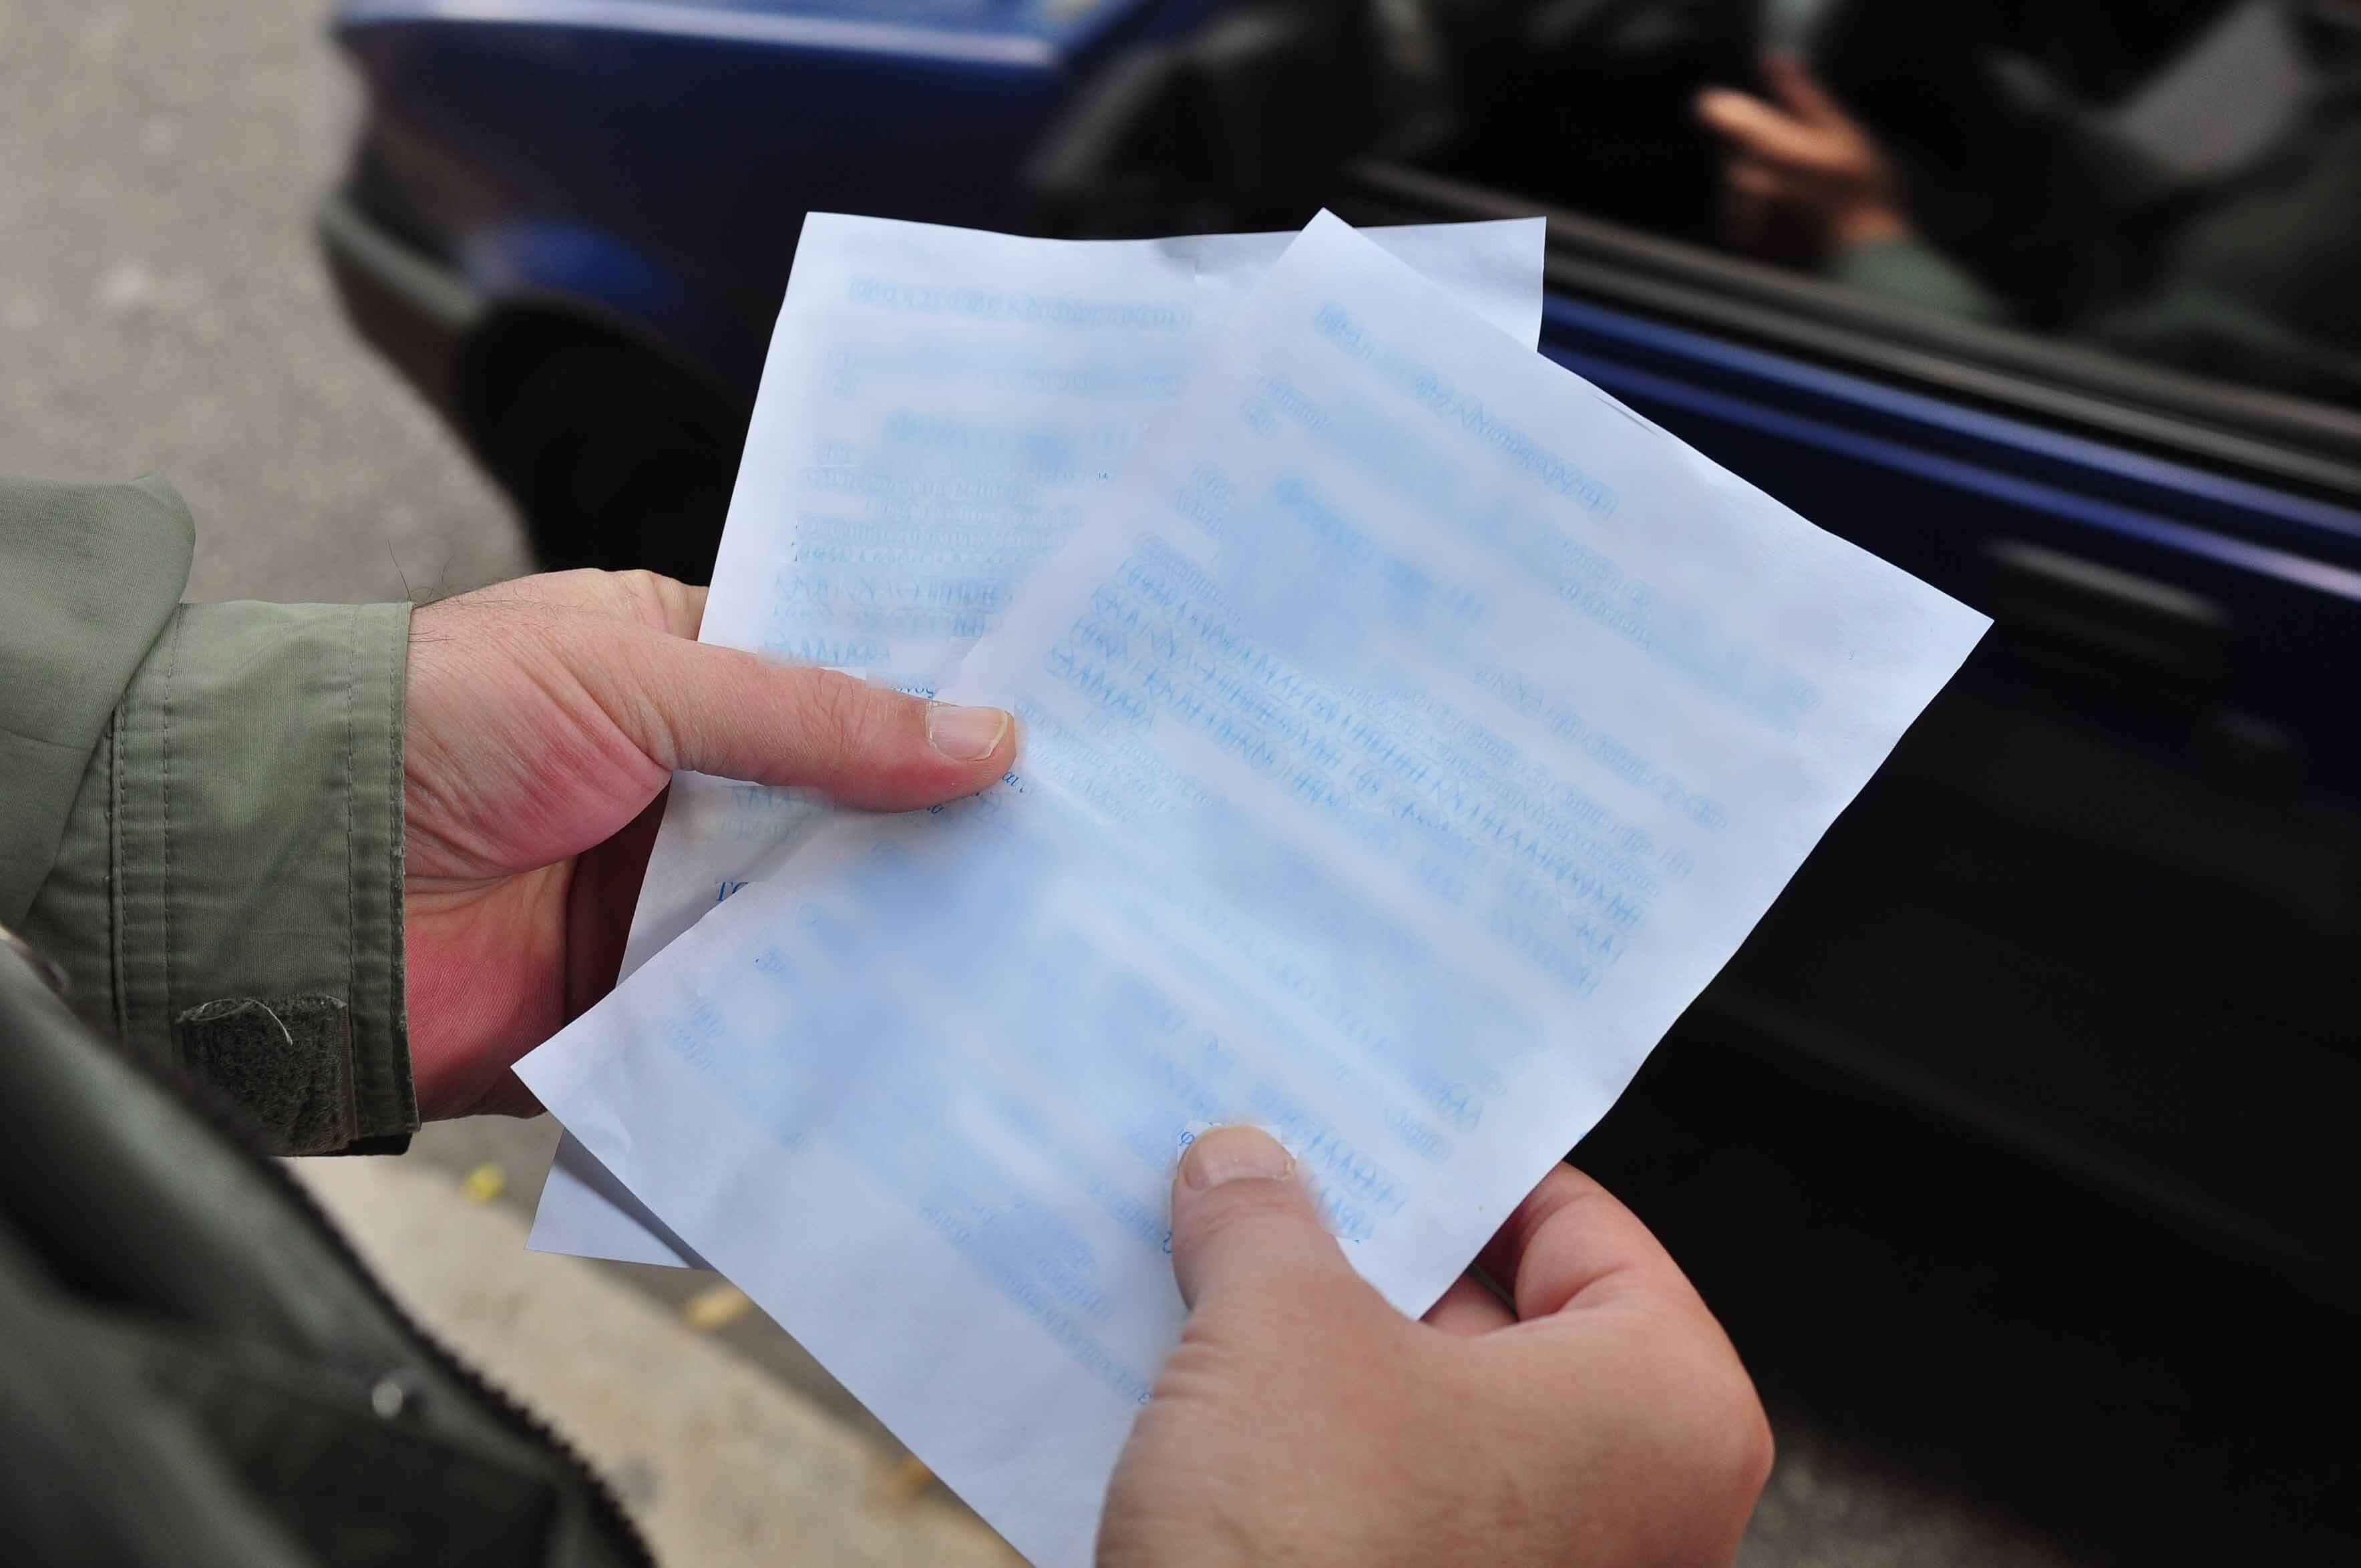 """ΕΔΕ για δασκάλα δημοτικού που μοίρασε στους μαθητές """"φυλλάδιο με εθνικιστικό περιεχόμενο"""""""